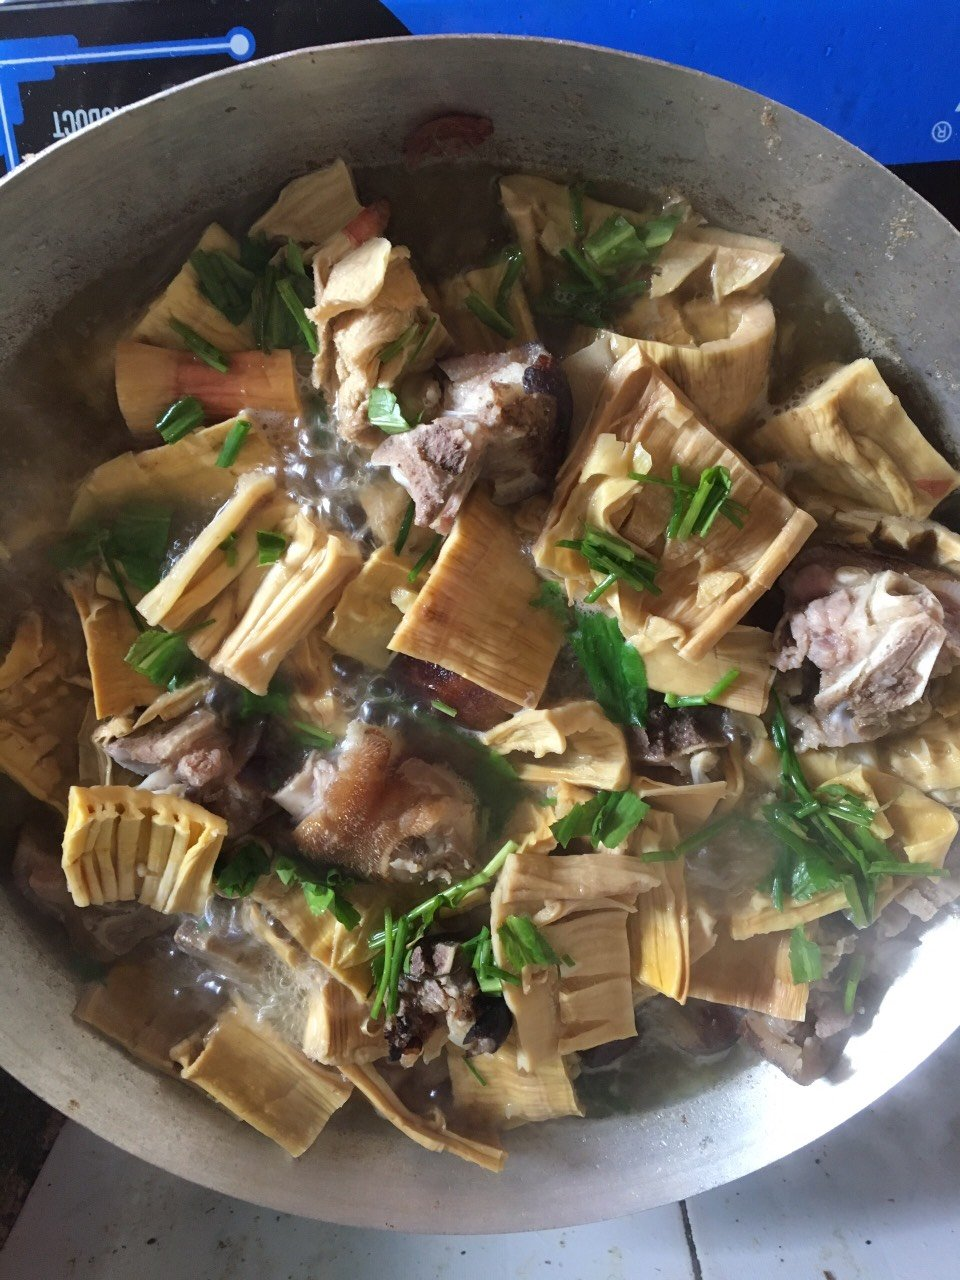 Măng nứa khô làm món ăn hàng ngày